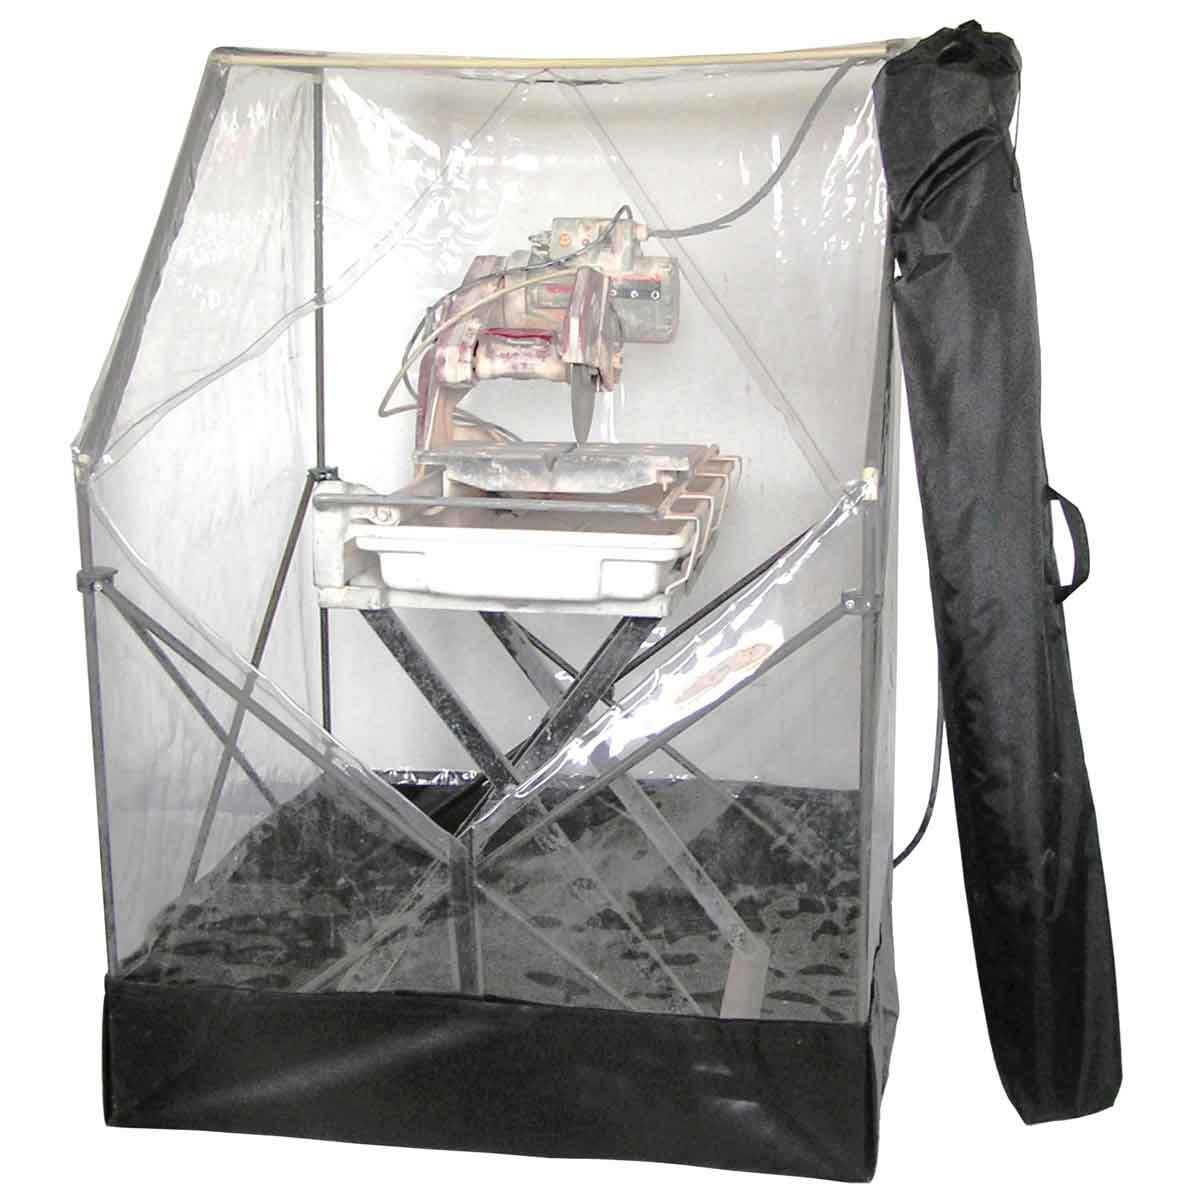 Barwalt Saw Shack XL with carrying bag